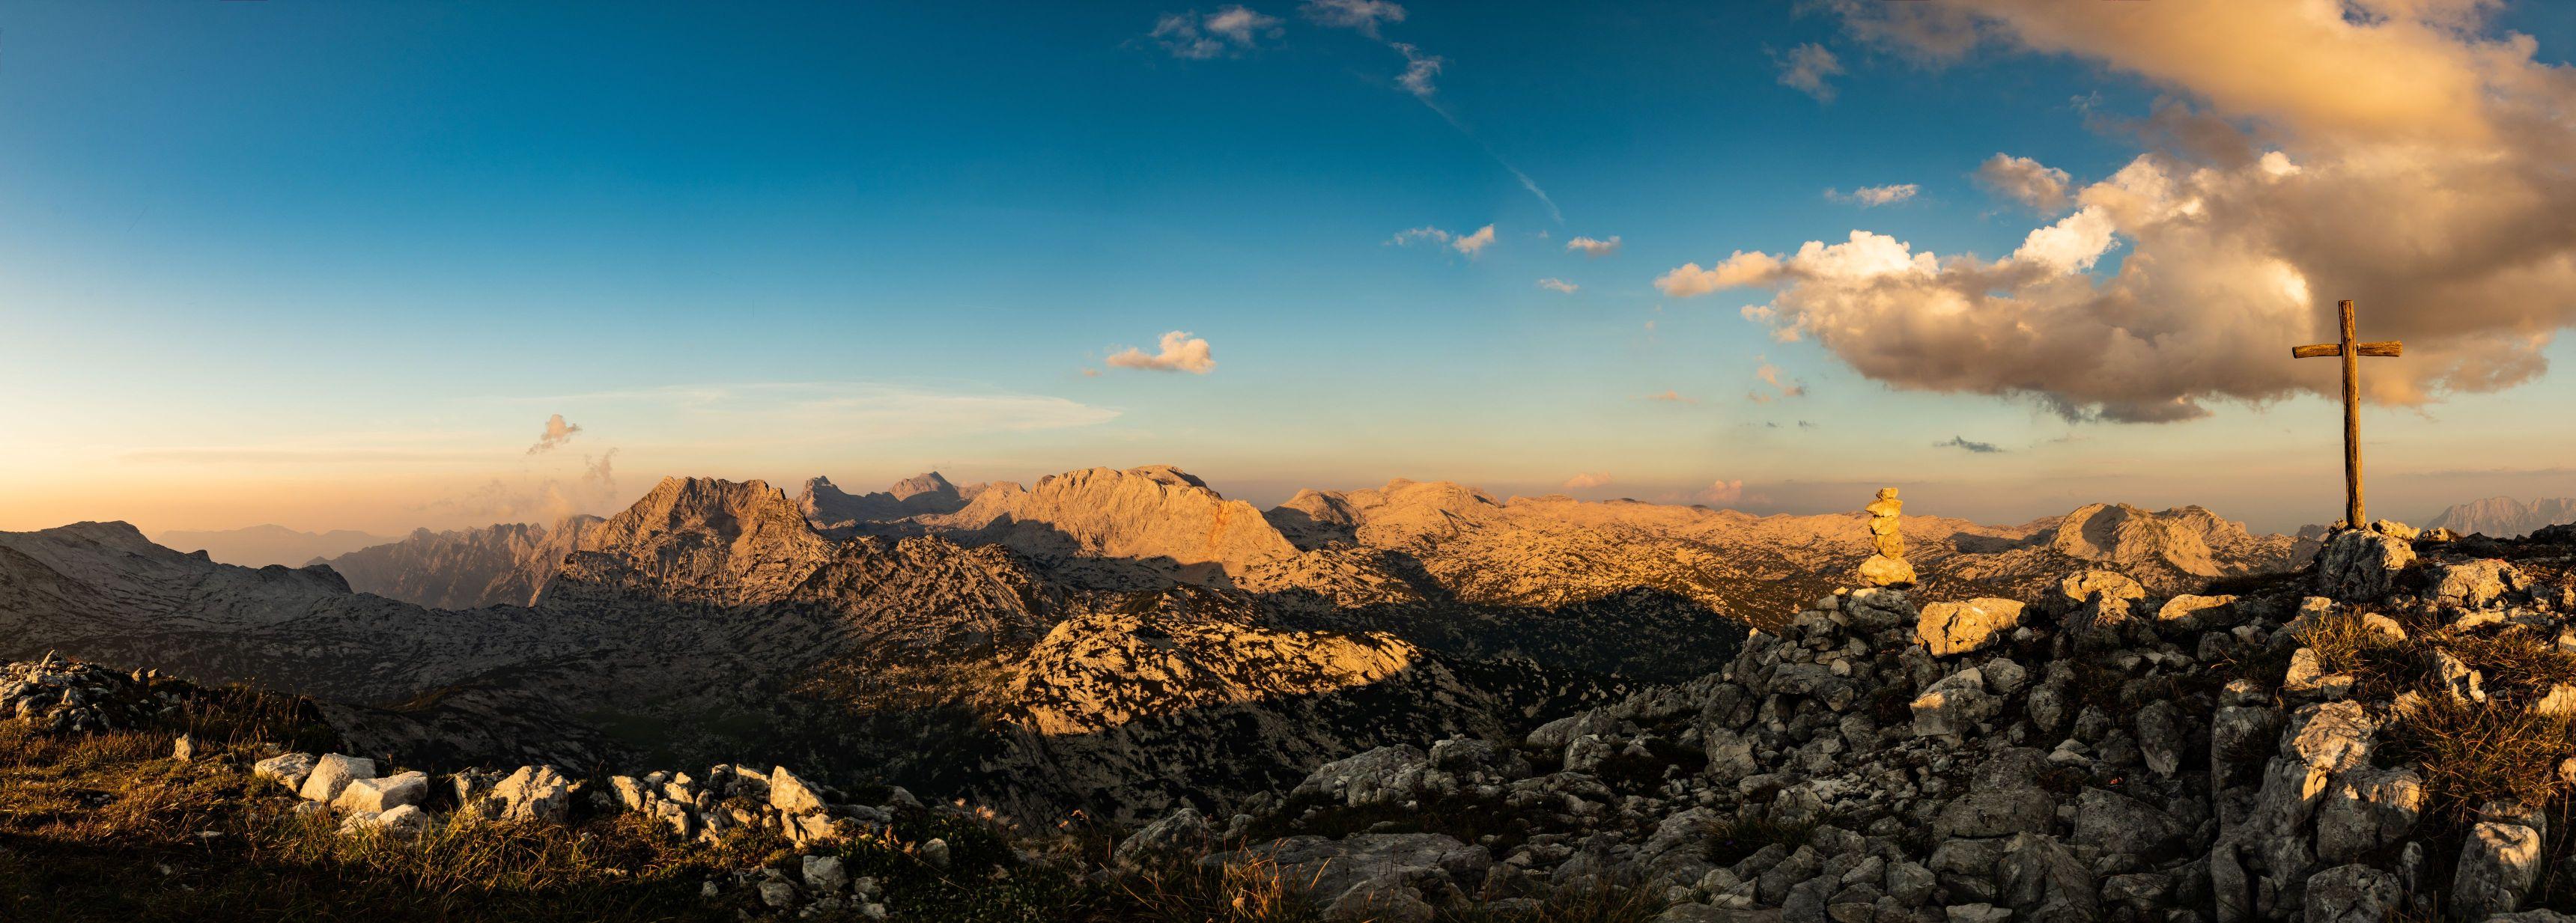 Blick vom Elm auf das tote Gebirge im Abendrot